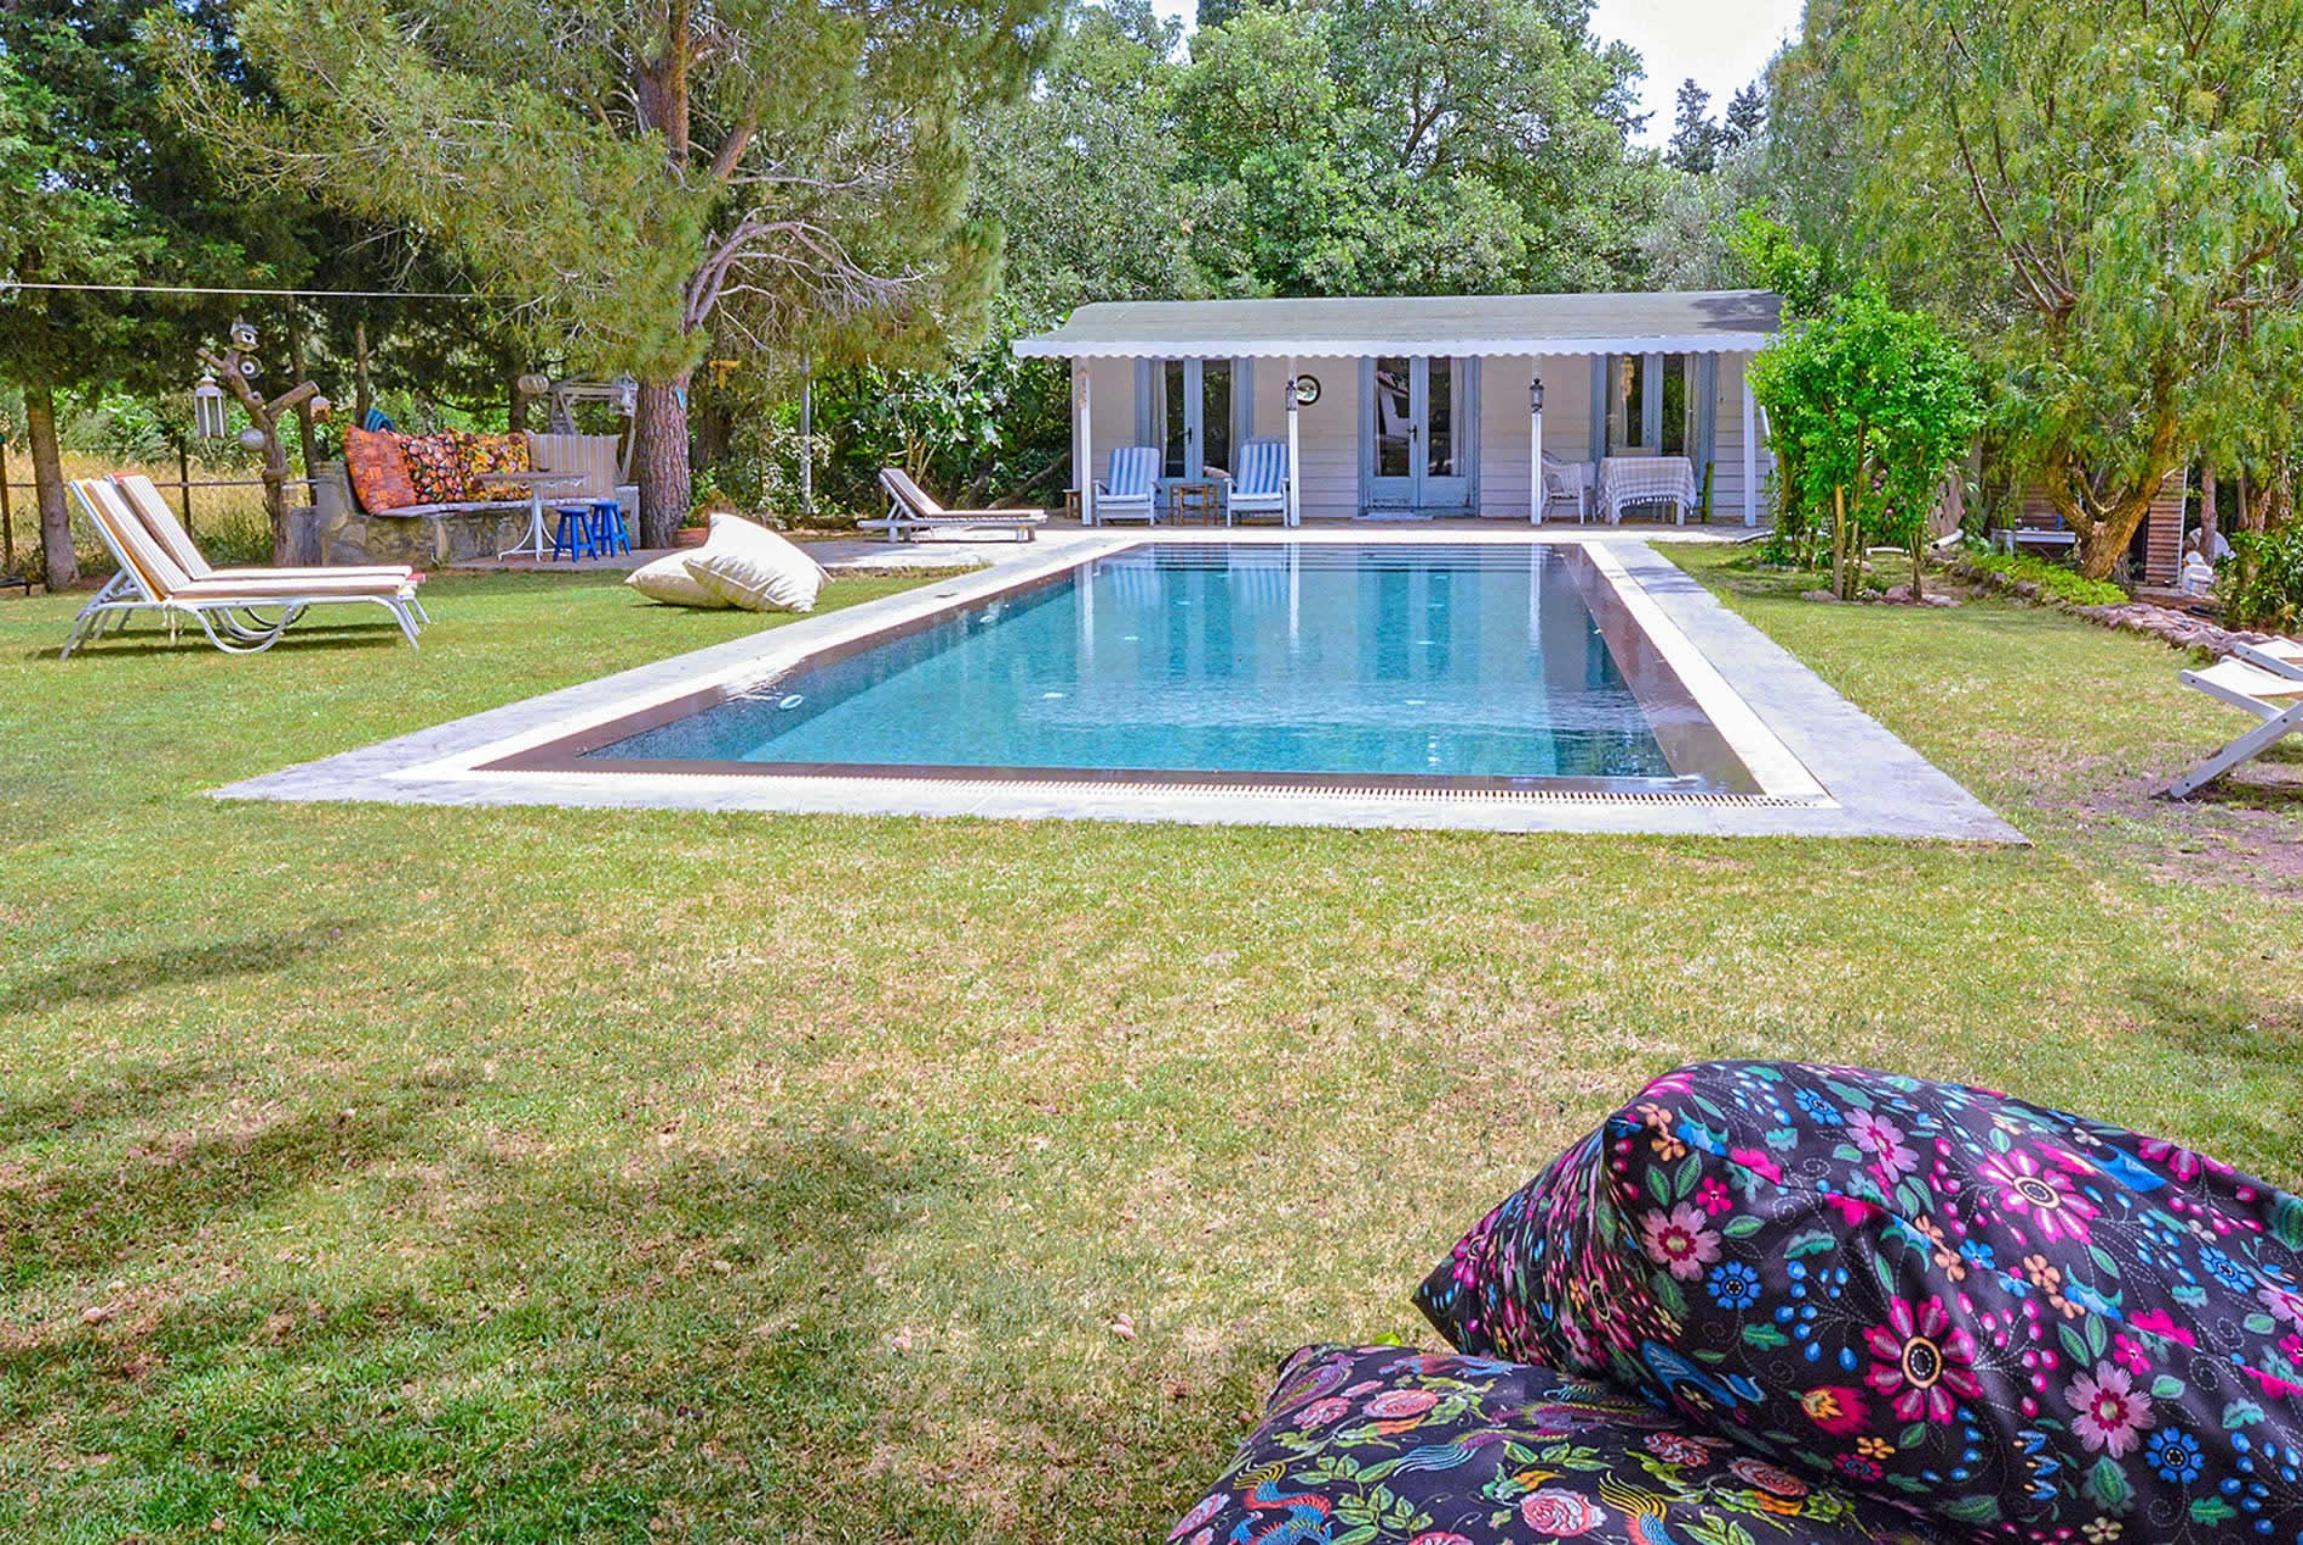 Ferienhaus Luca (2744562), Turgutreis, , Ägäisregion, Türkei, Bild 3